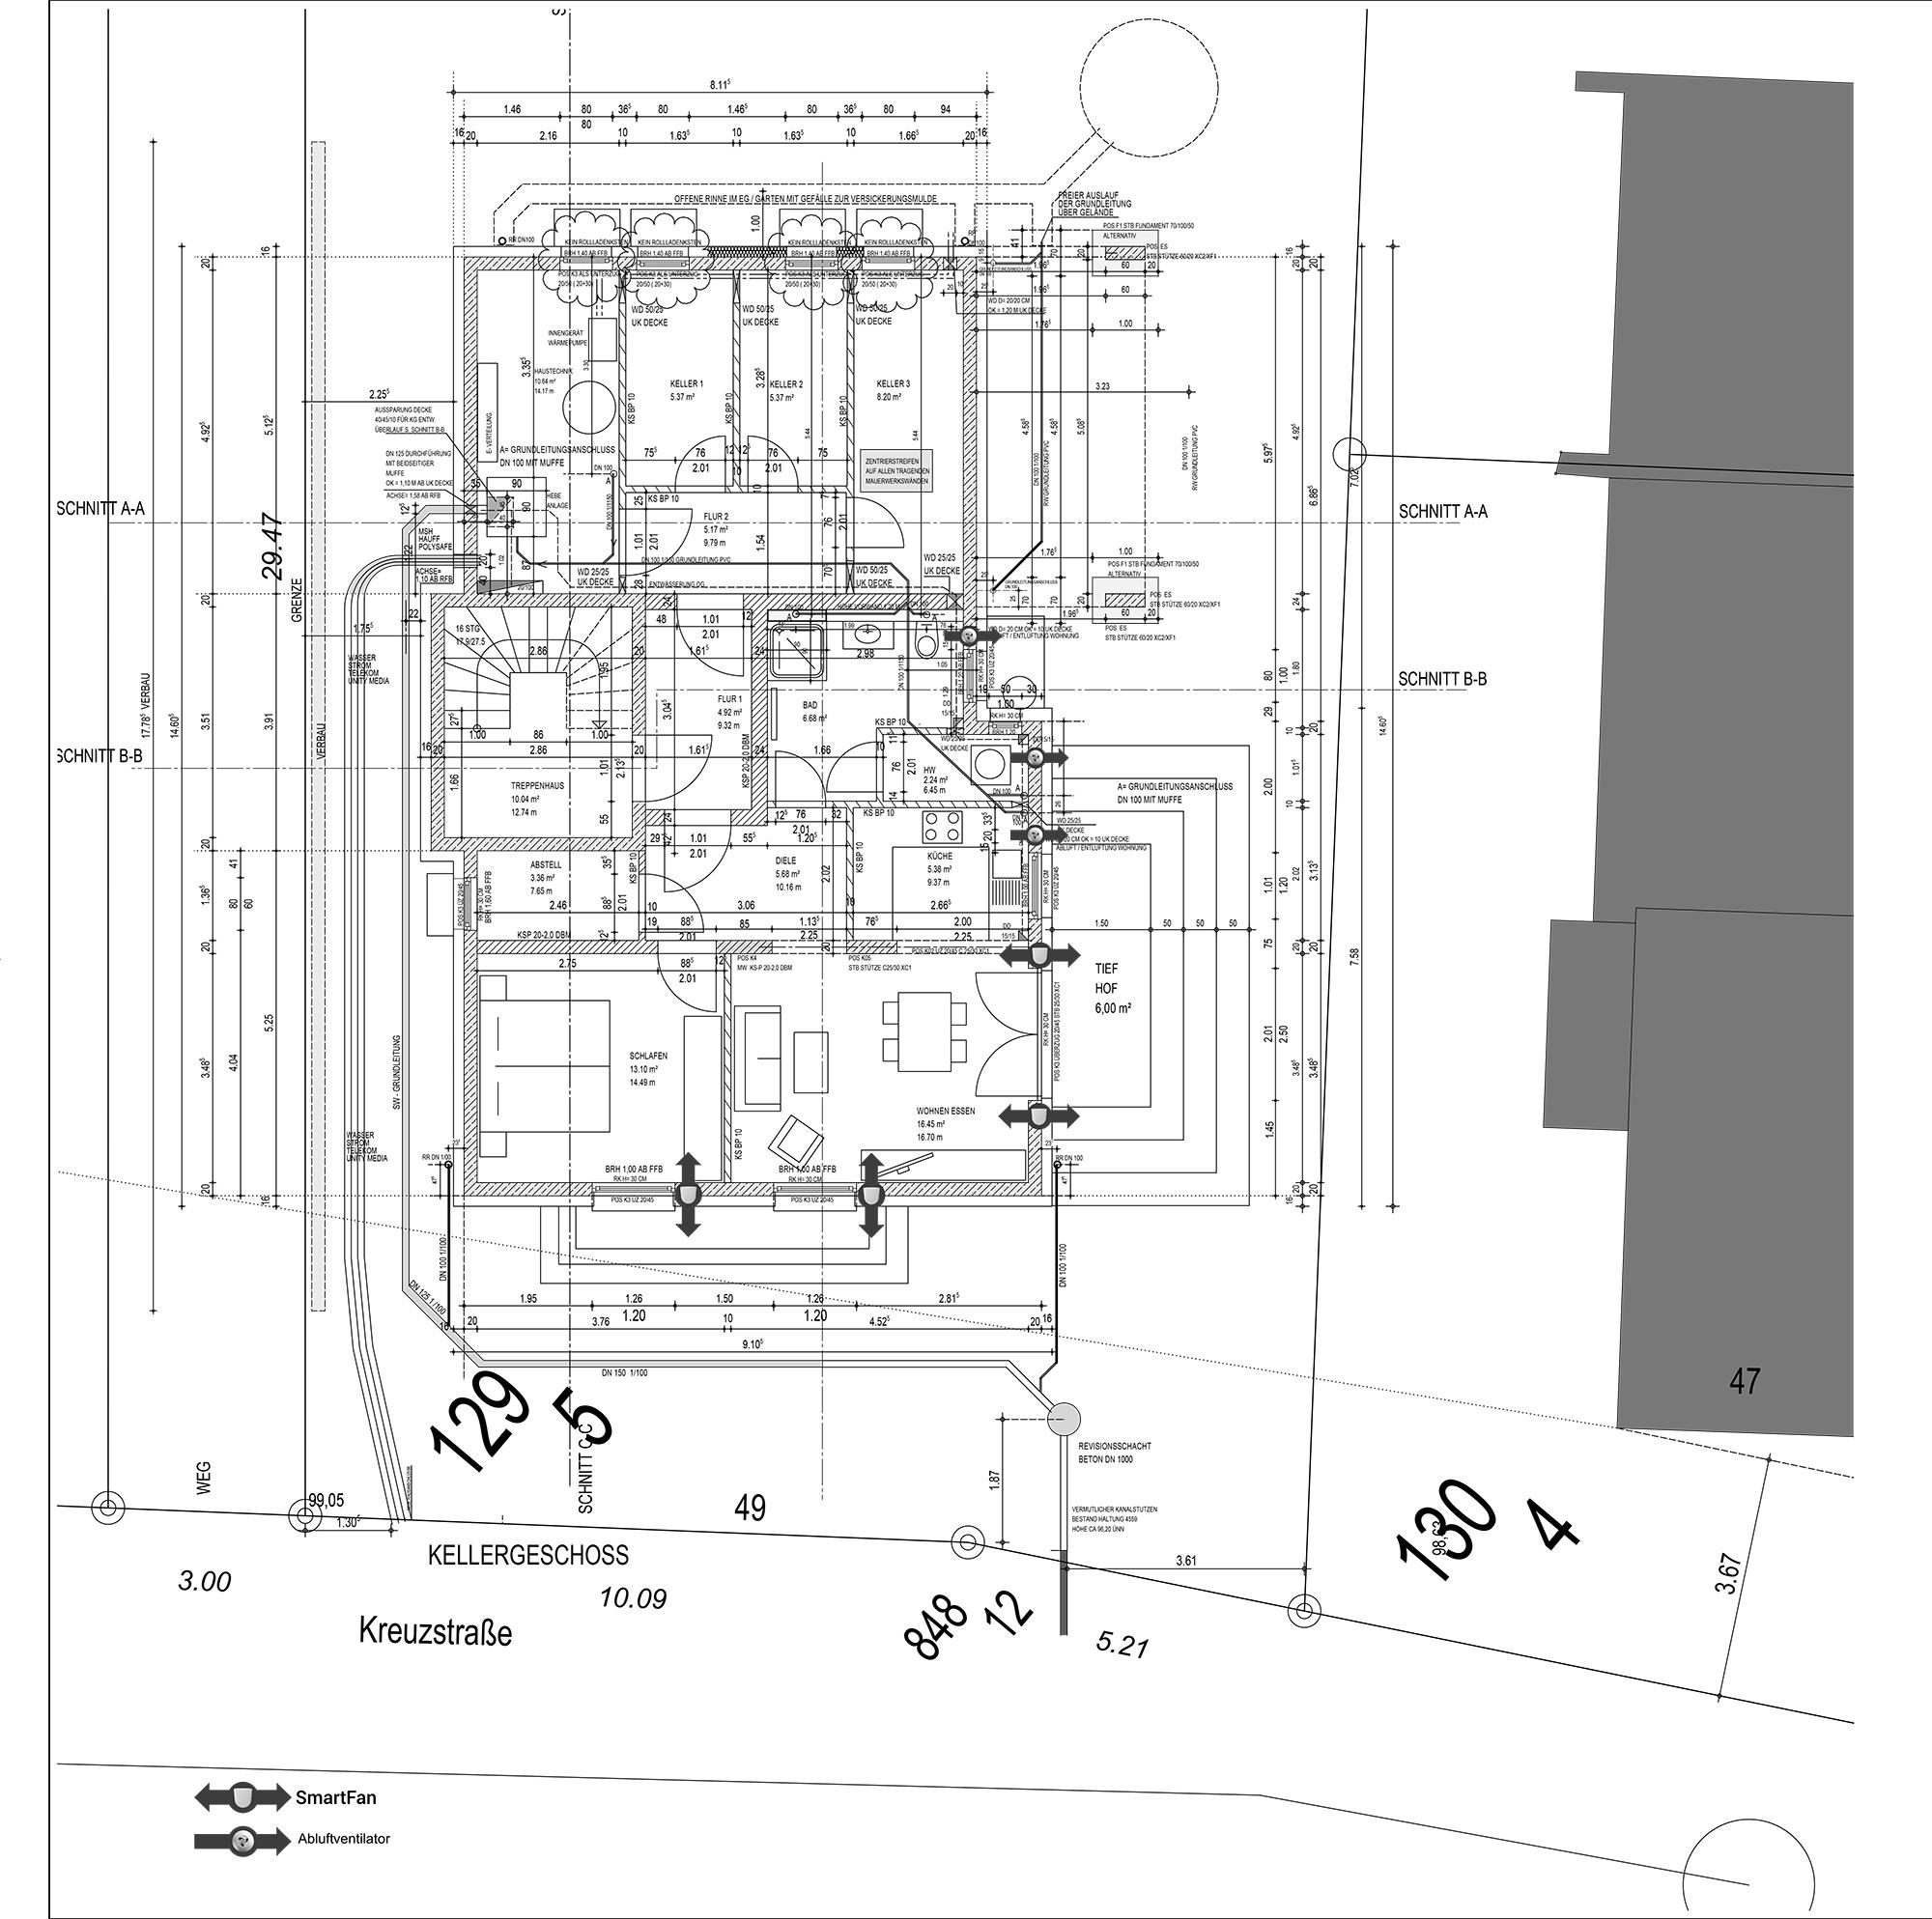 TGA Planung, ZW Plan